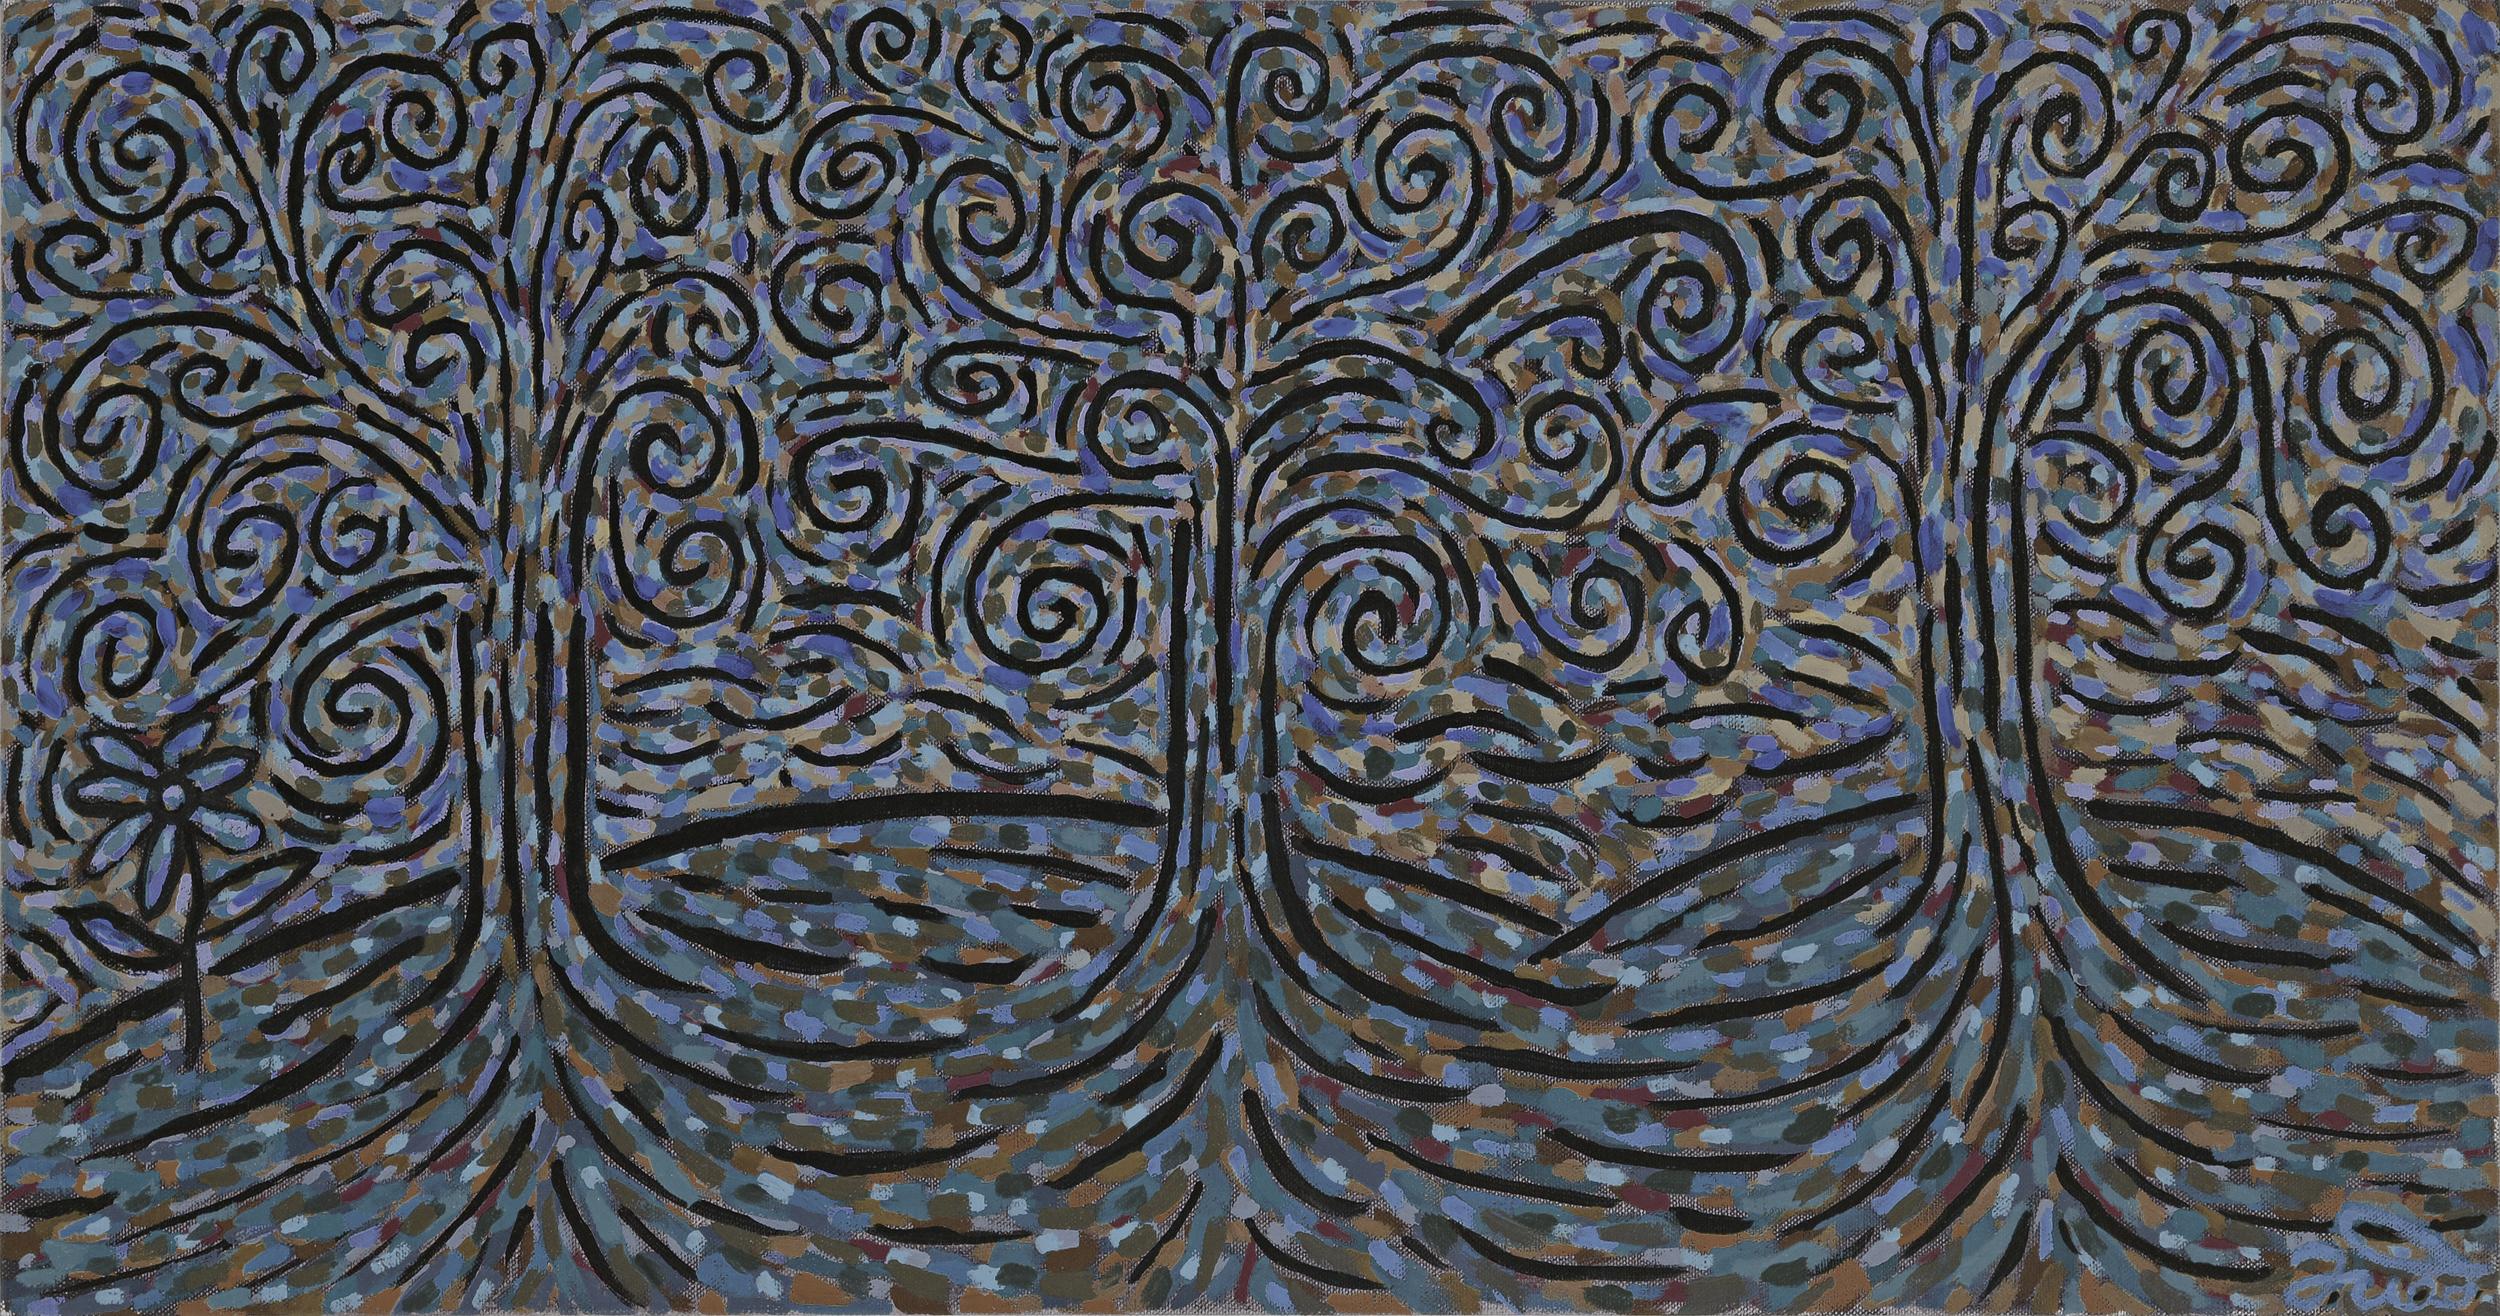 Three Trees - 2011